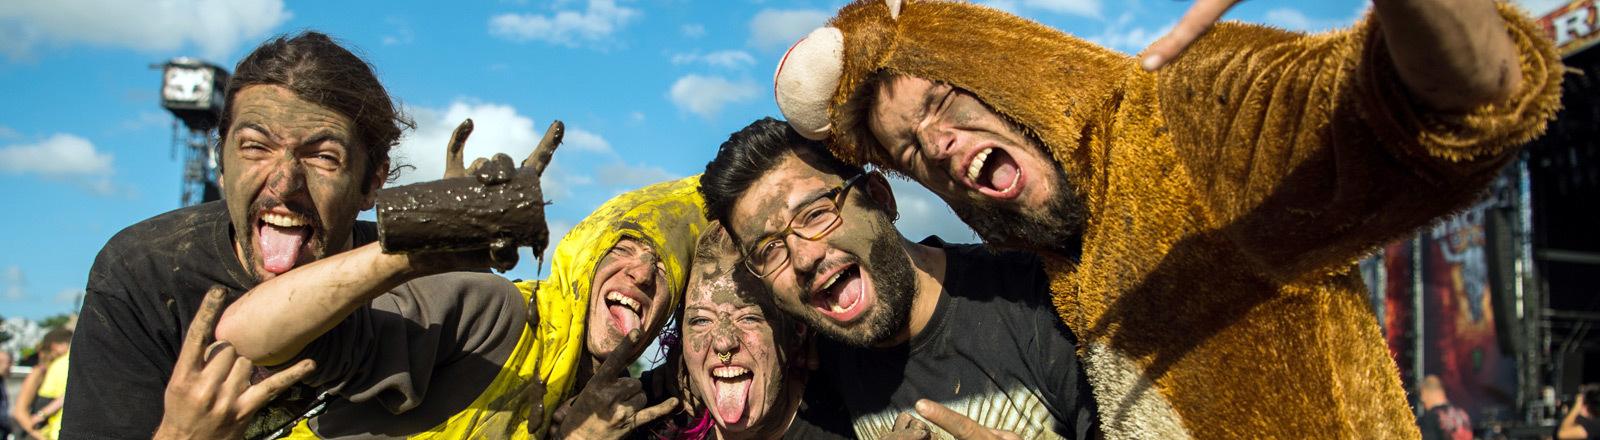 Festivalbesucher in Wacken.